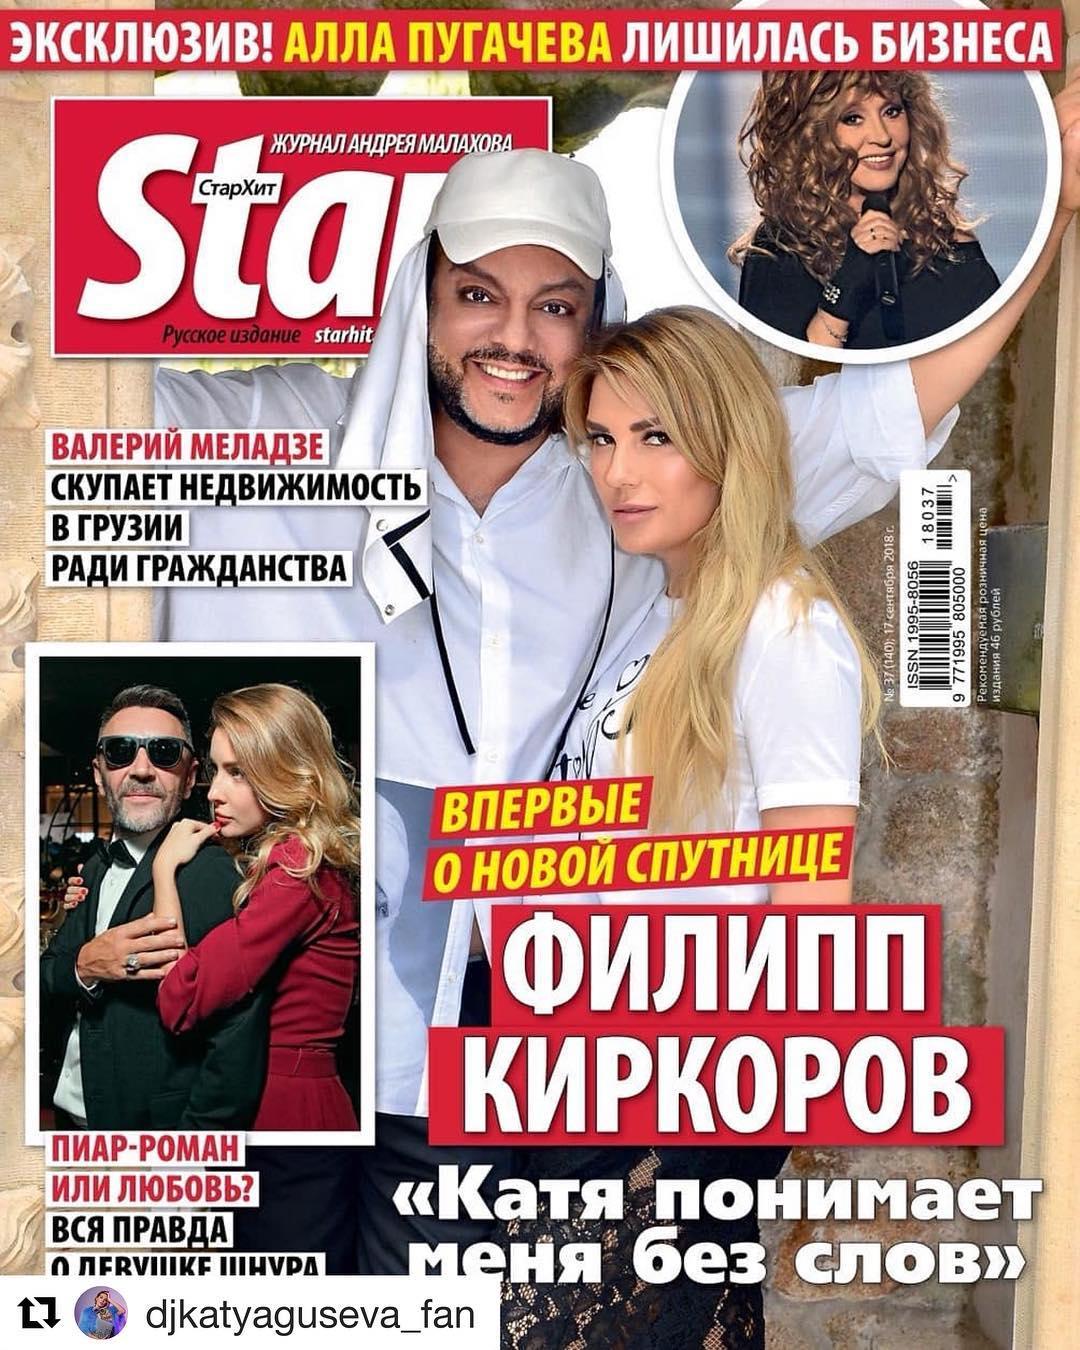 Киркоров впервый раз поведал о новоиспеченной загадочной подружке